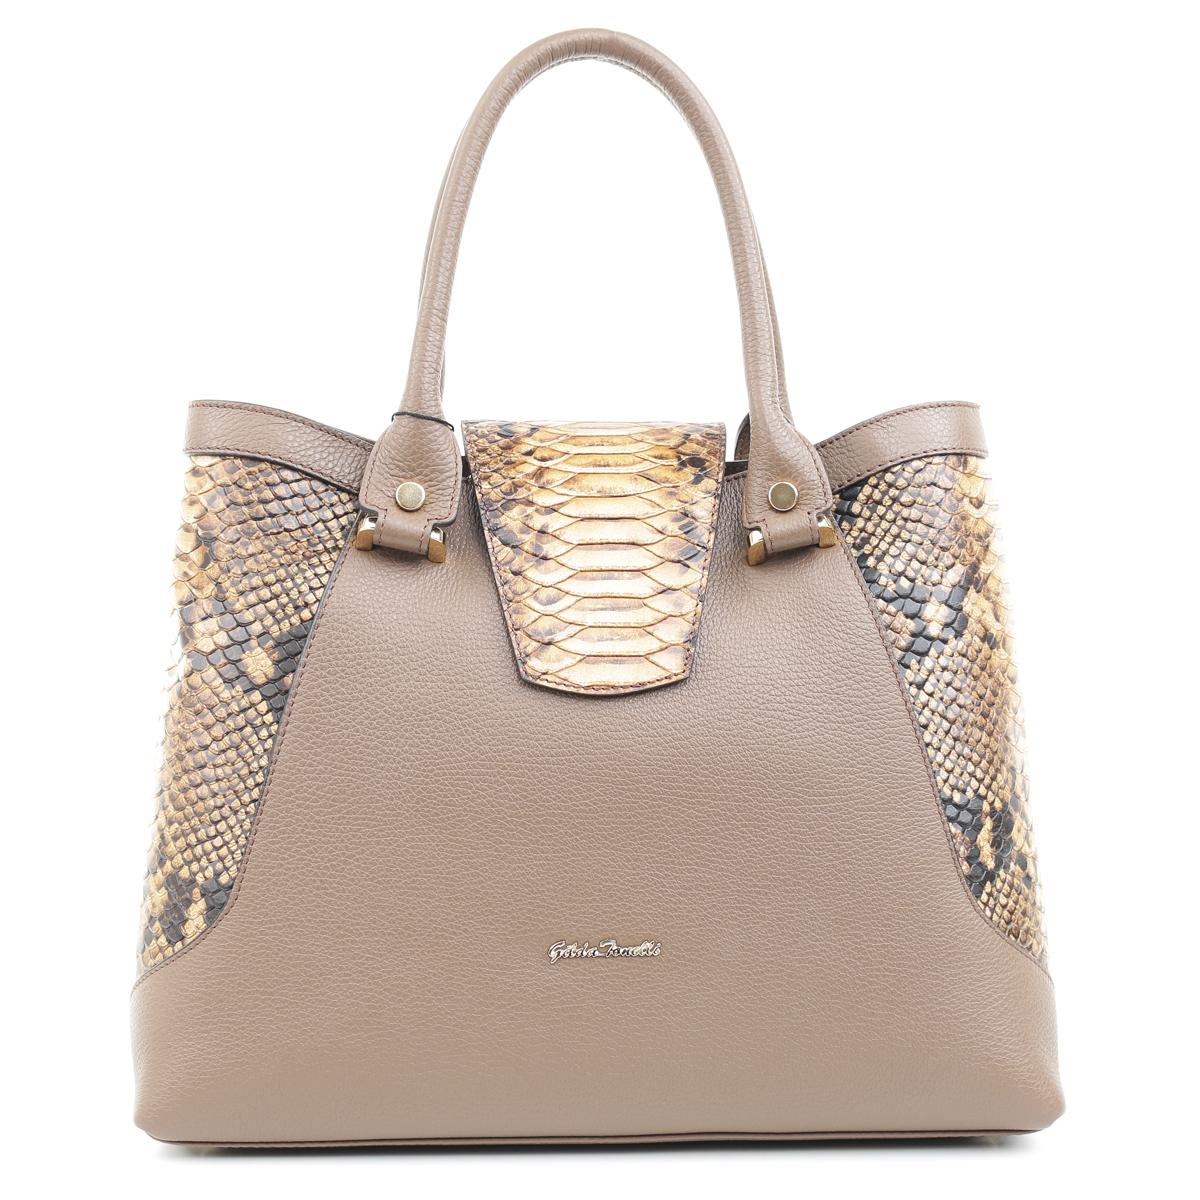 6814005c8c56 Купить женскую сумку Gilda Tonelli в интернет-магазине Bagroom